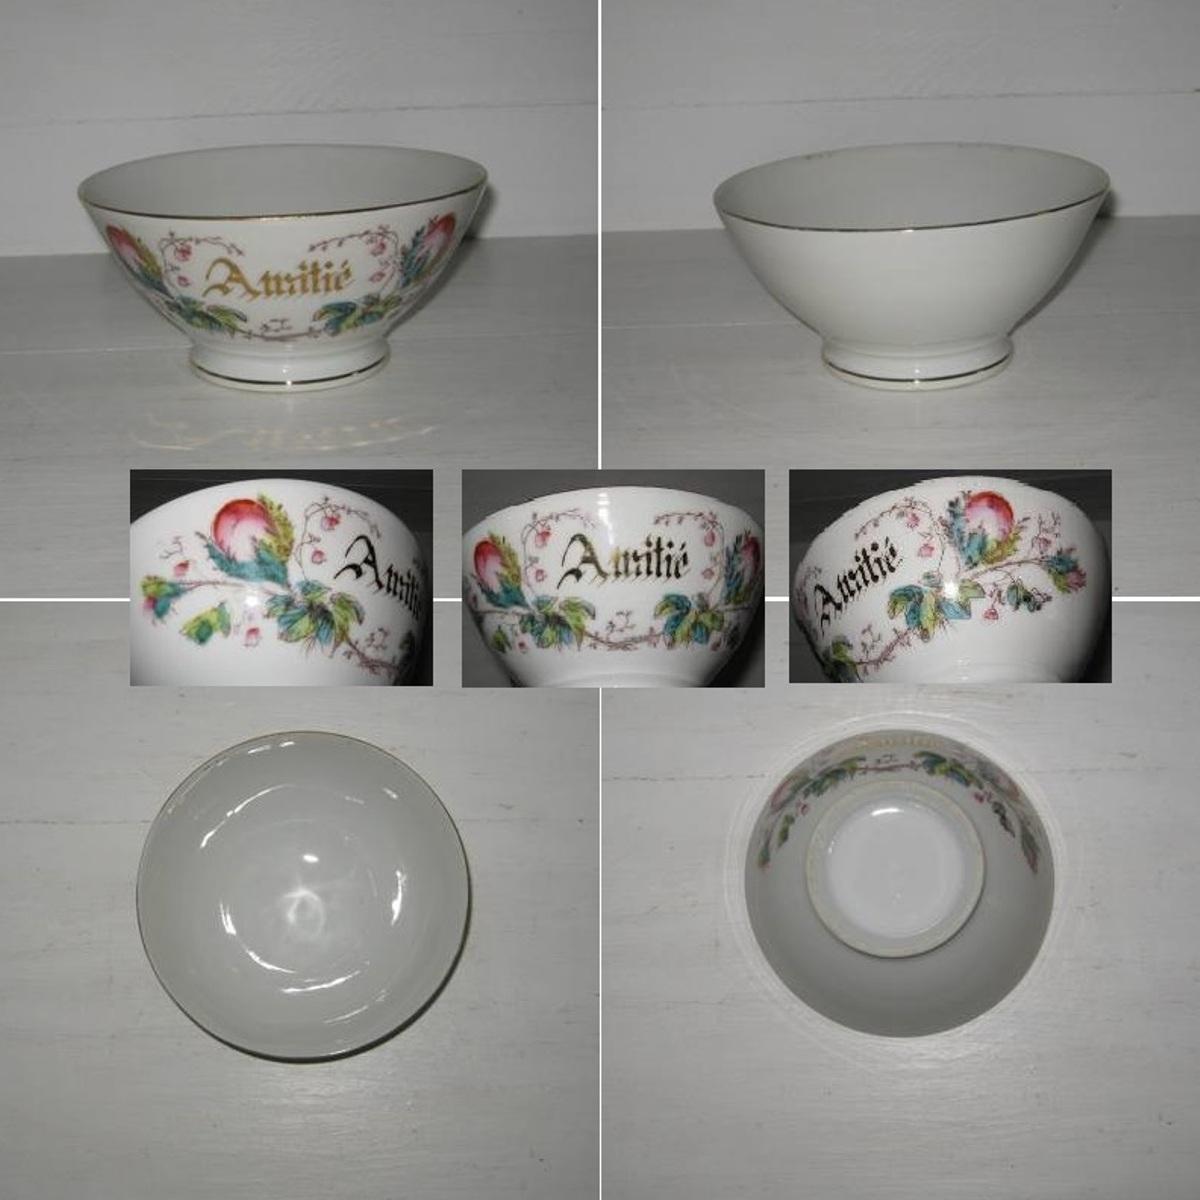 Bol porcelaine amitie roses 2